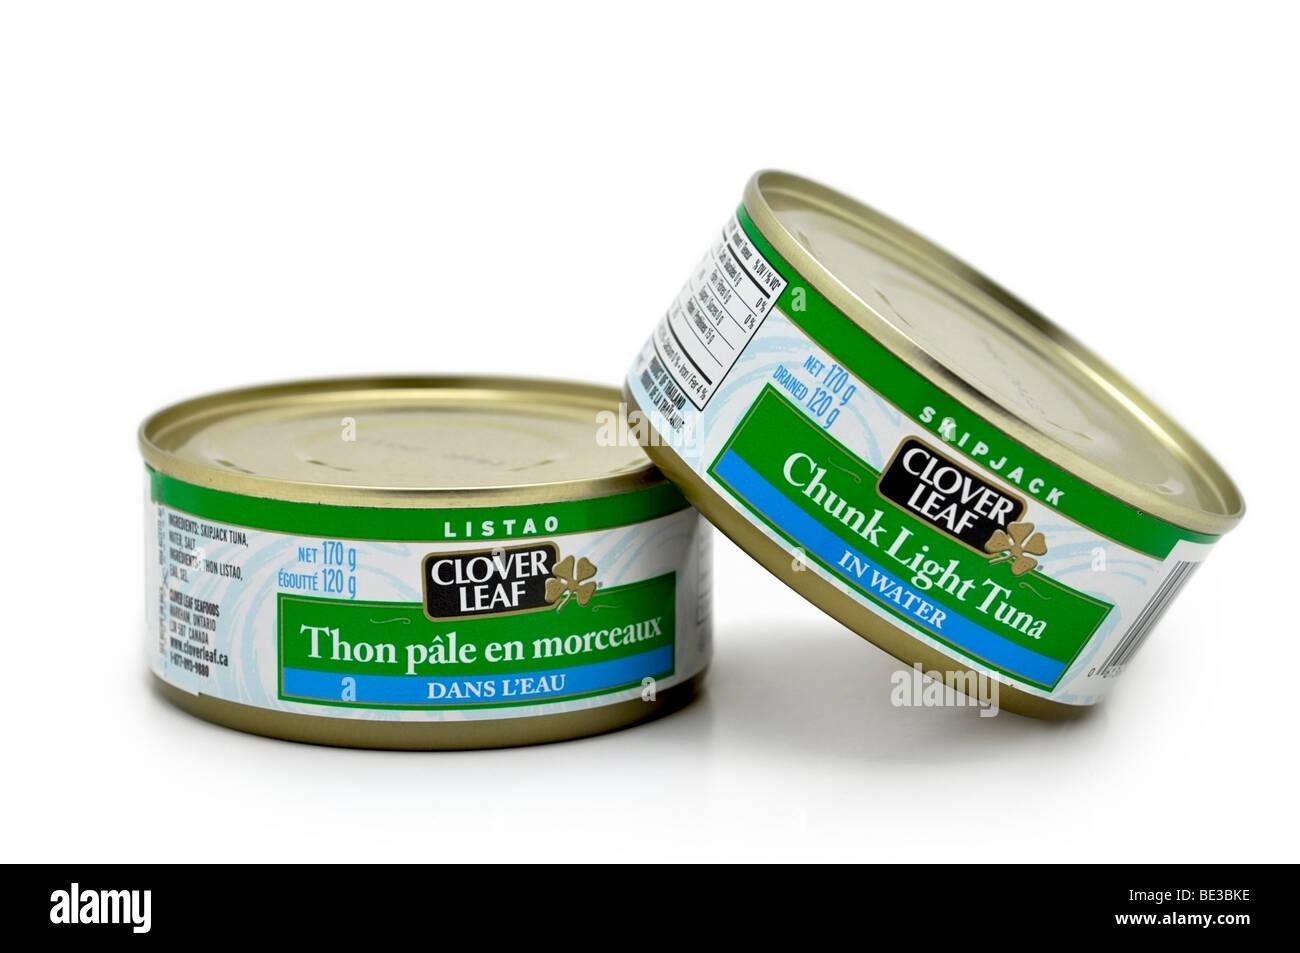 Tinned Chunk Light Tuna in Water. - Stock Image